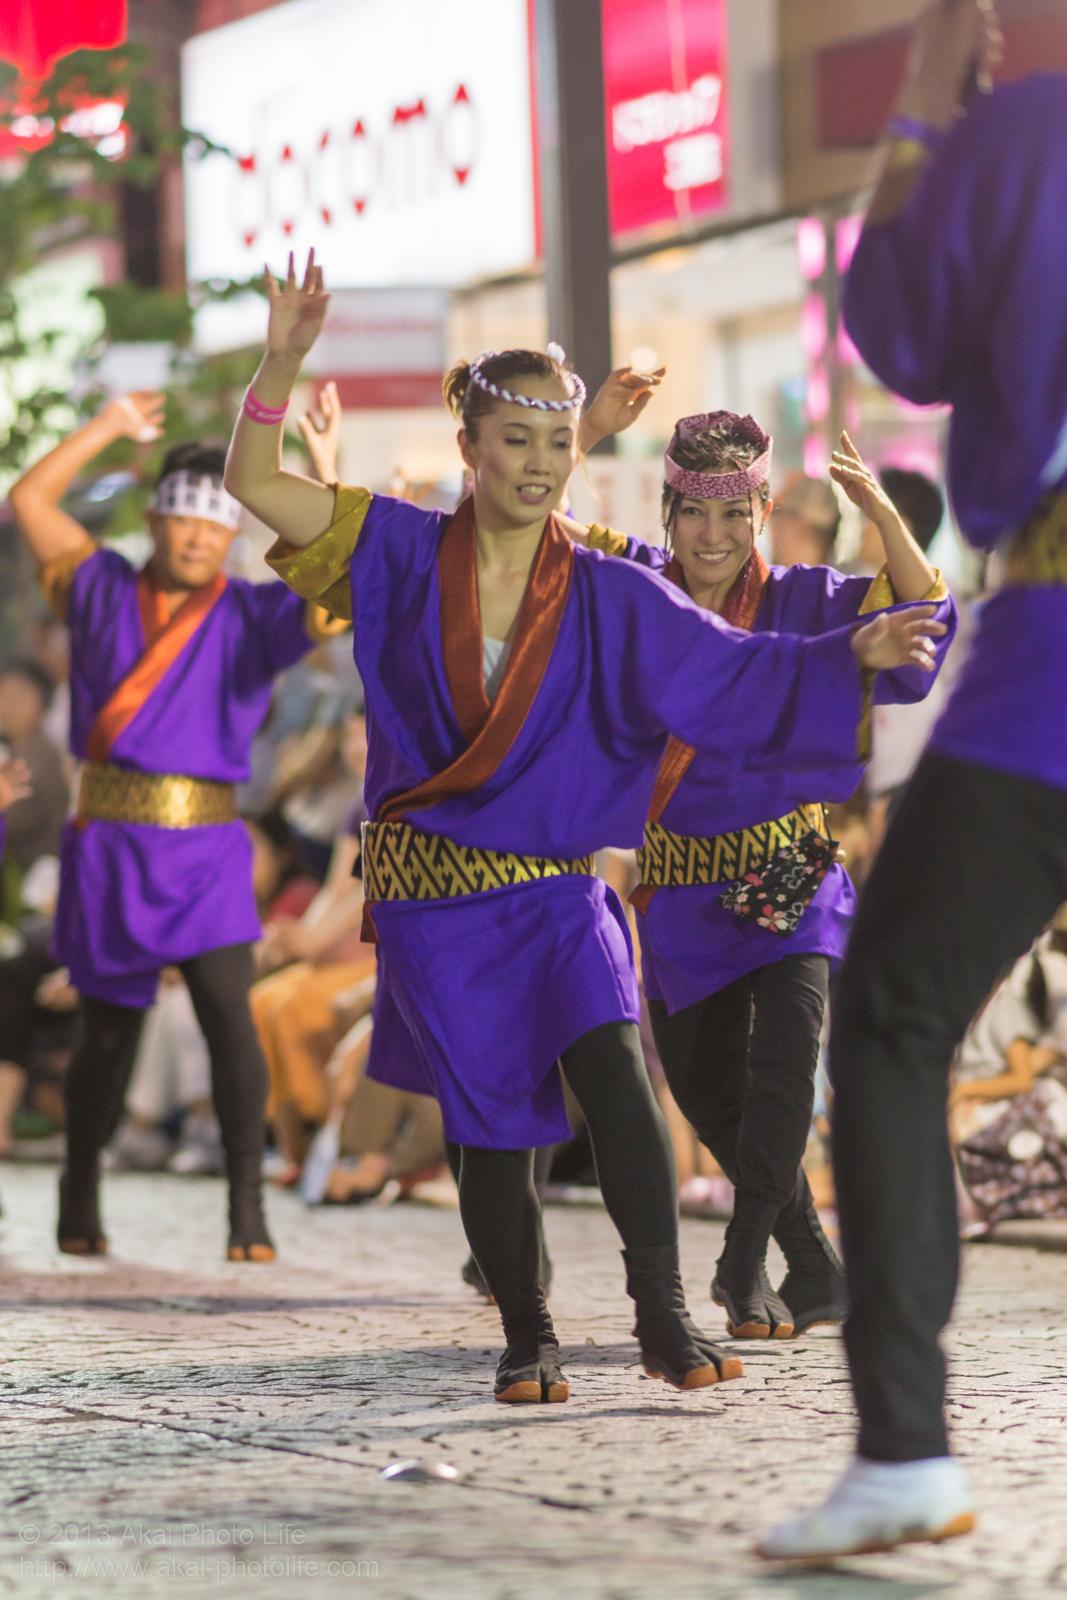 三鷹阿波踊り 心舞連の男踊りをする女性